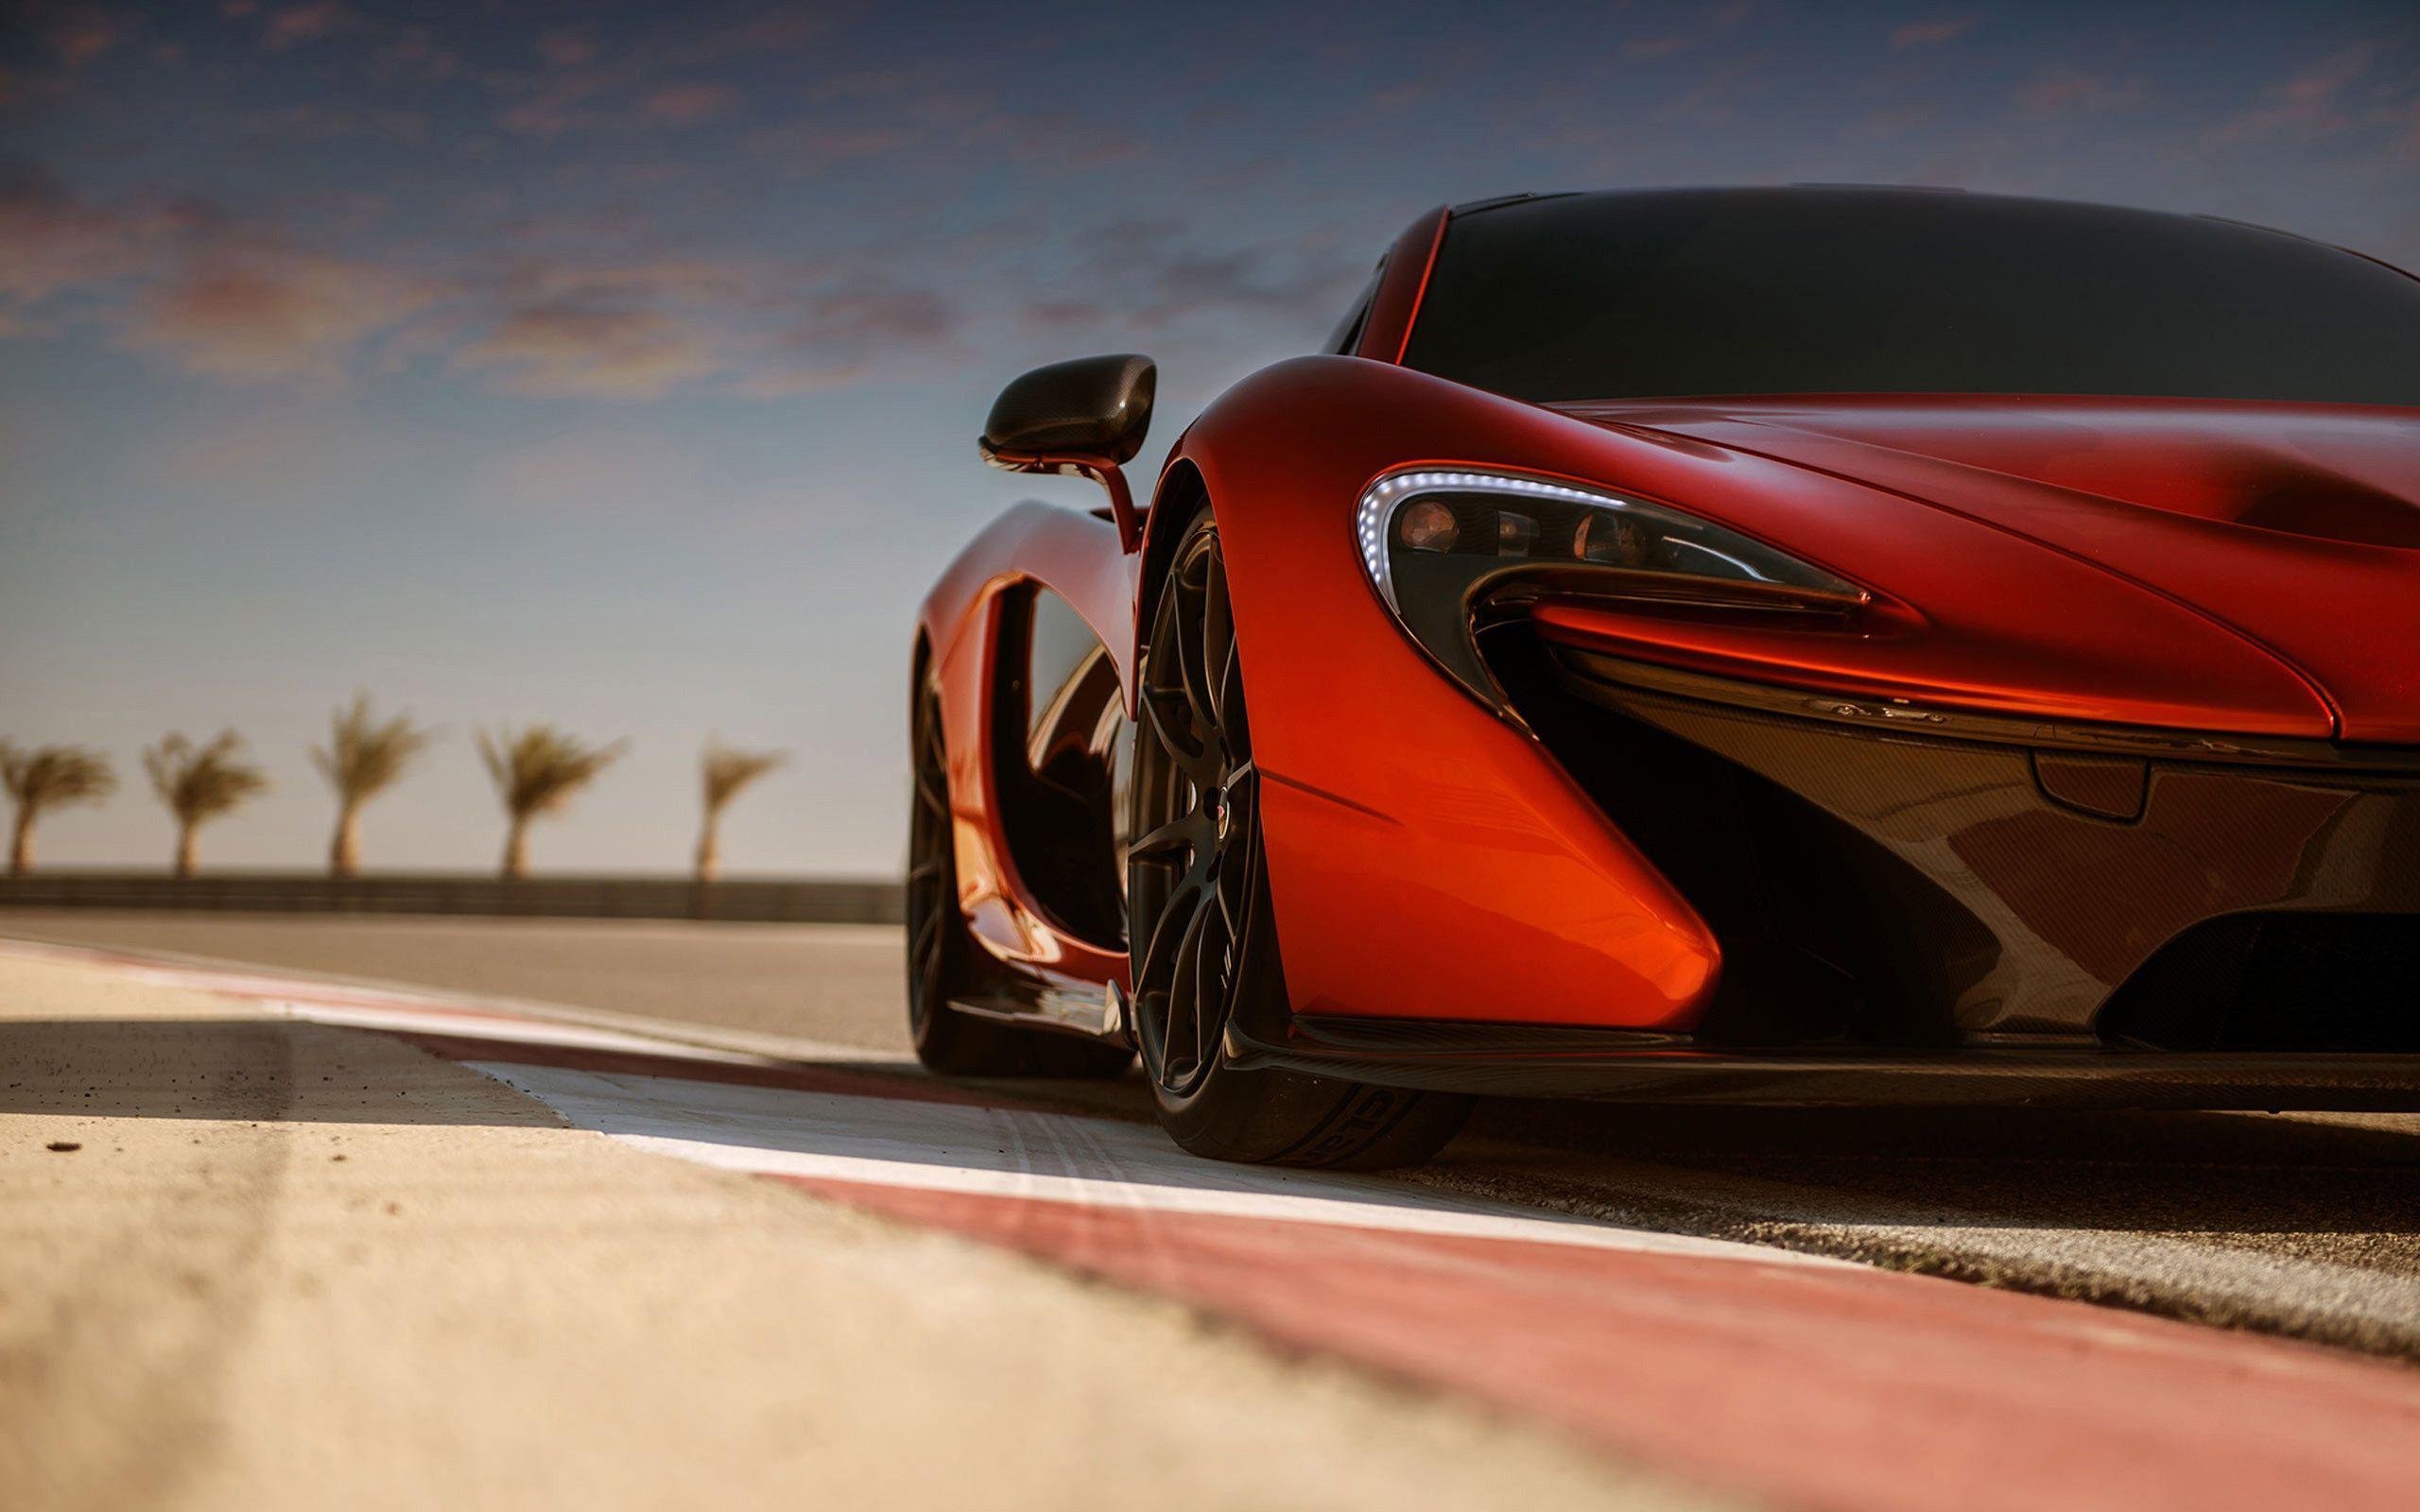 Cool McLaren Wallpapers - Top Free Cool McLaren ...